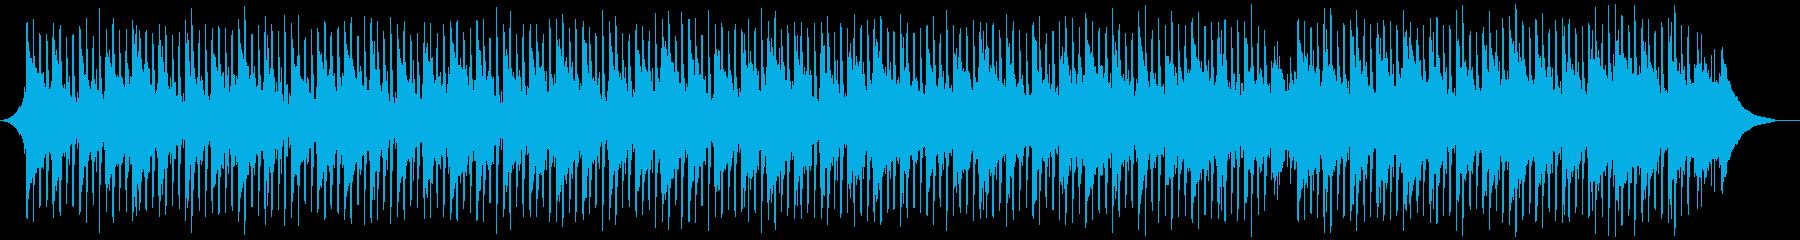 ミニマルの再生済みの波形